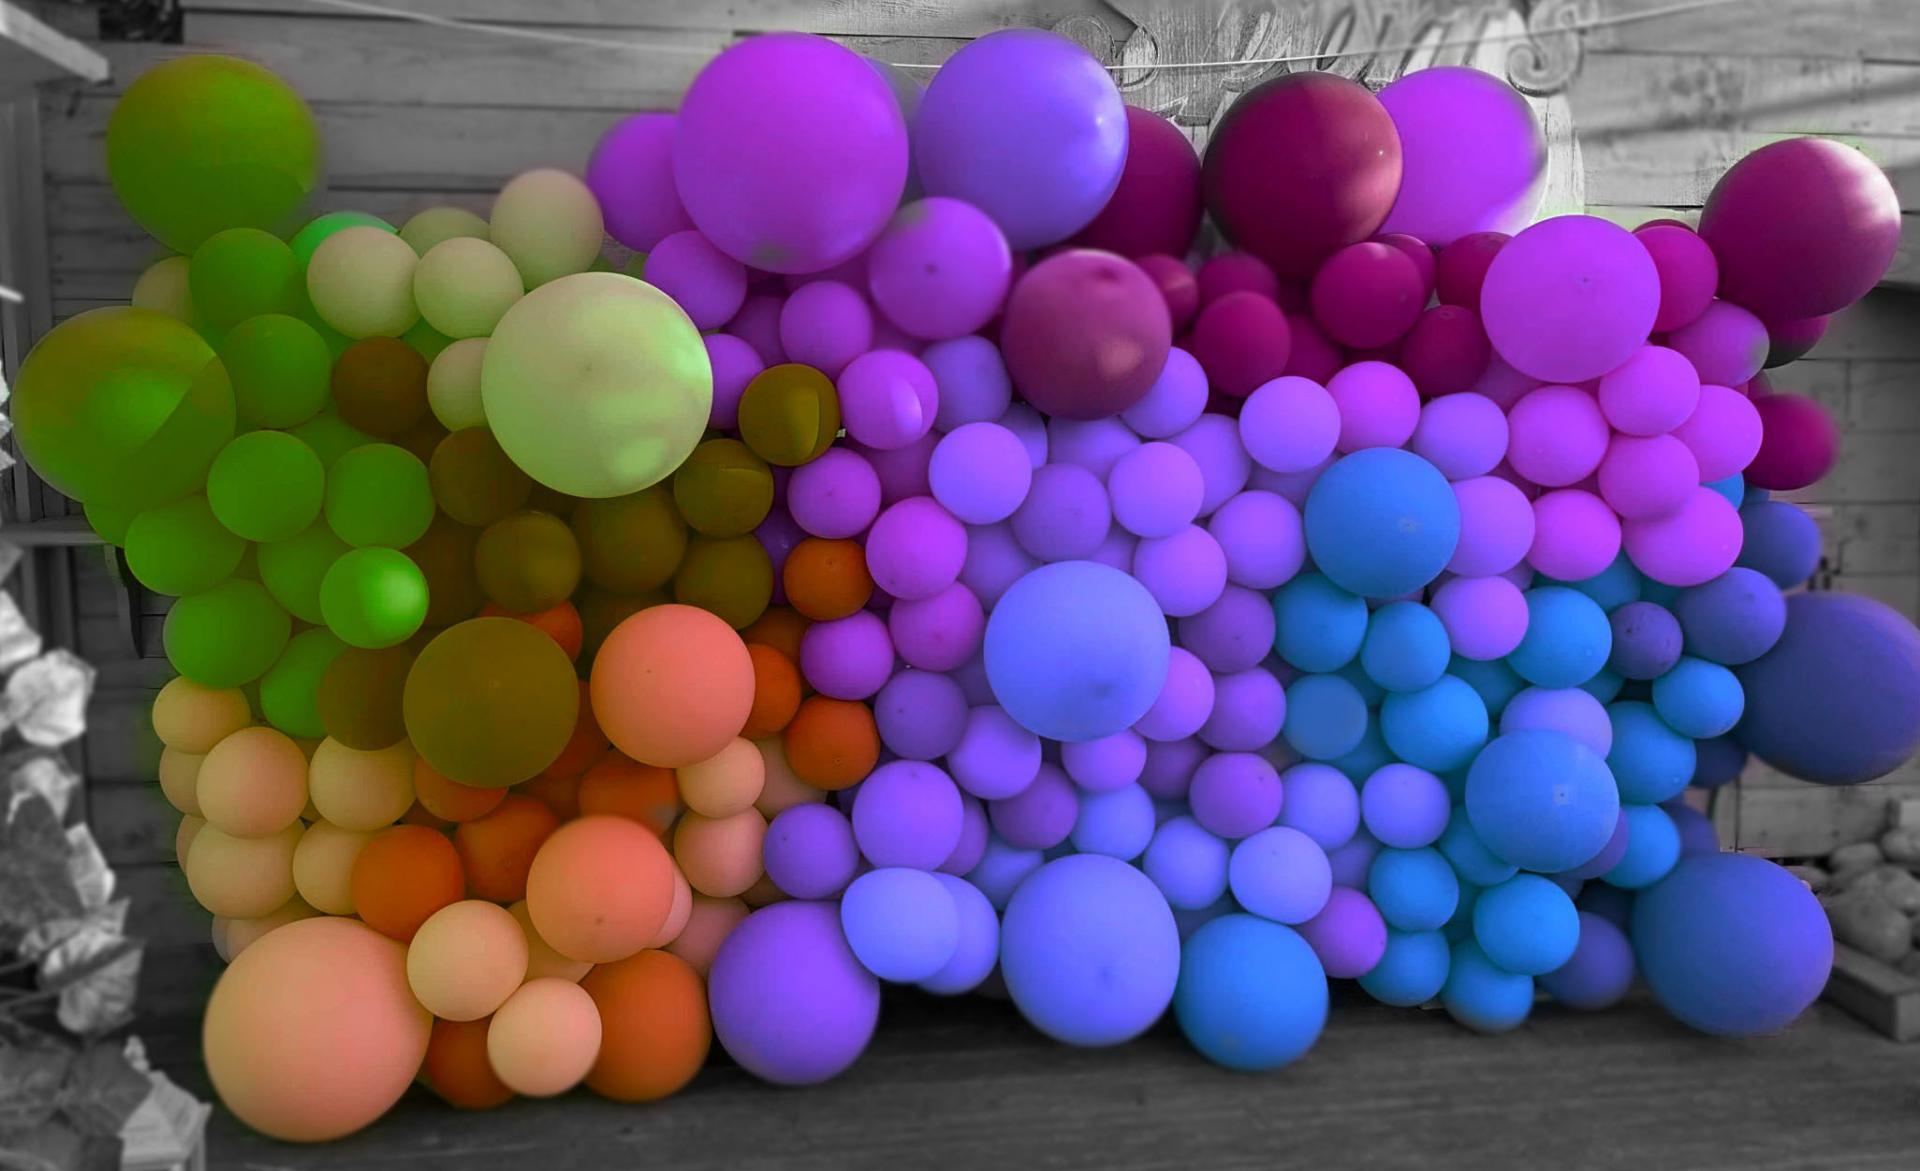 Décoration mrurale de ballons